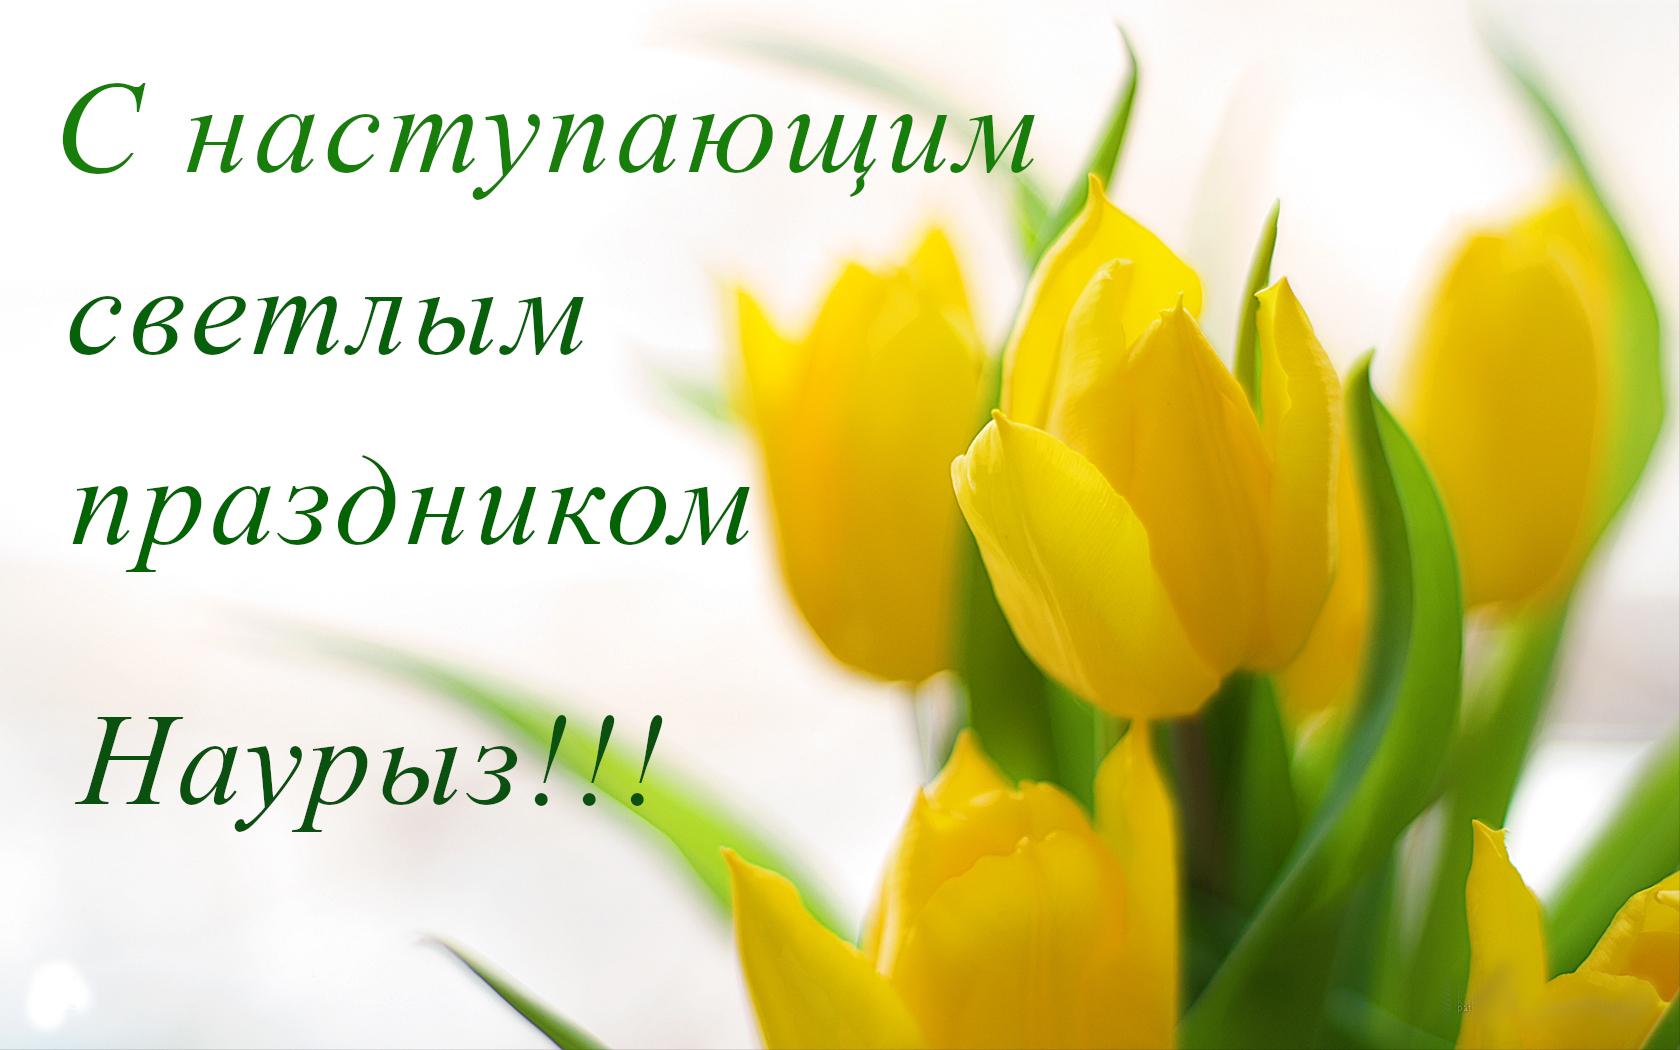 22 марта наурыз , открытки с наступающим праздником наурыз . 22 марта наурыз , открытки с наступающим праздником , открытки с поздравлениями с наступающим весенним праздником наурыз ,светлый праздник наурыз , с наступающим наурызом.